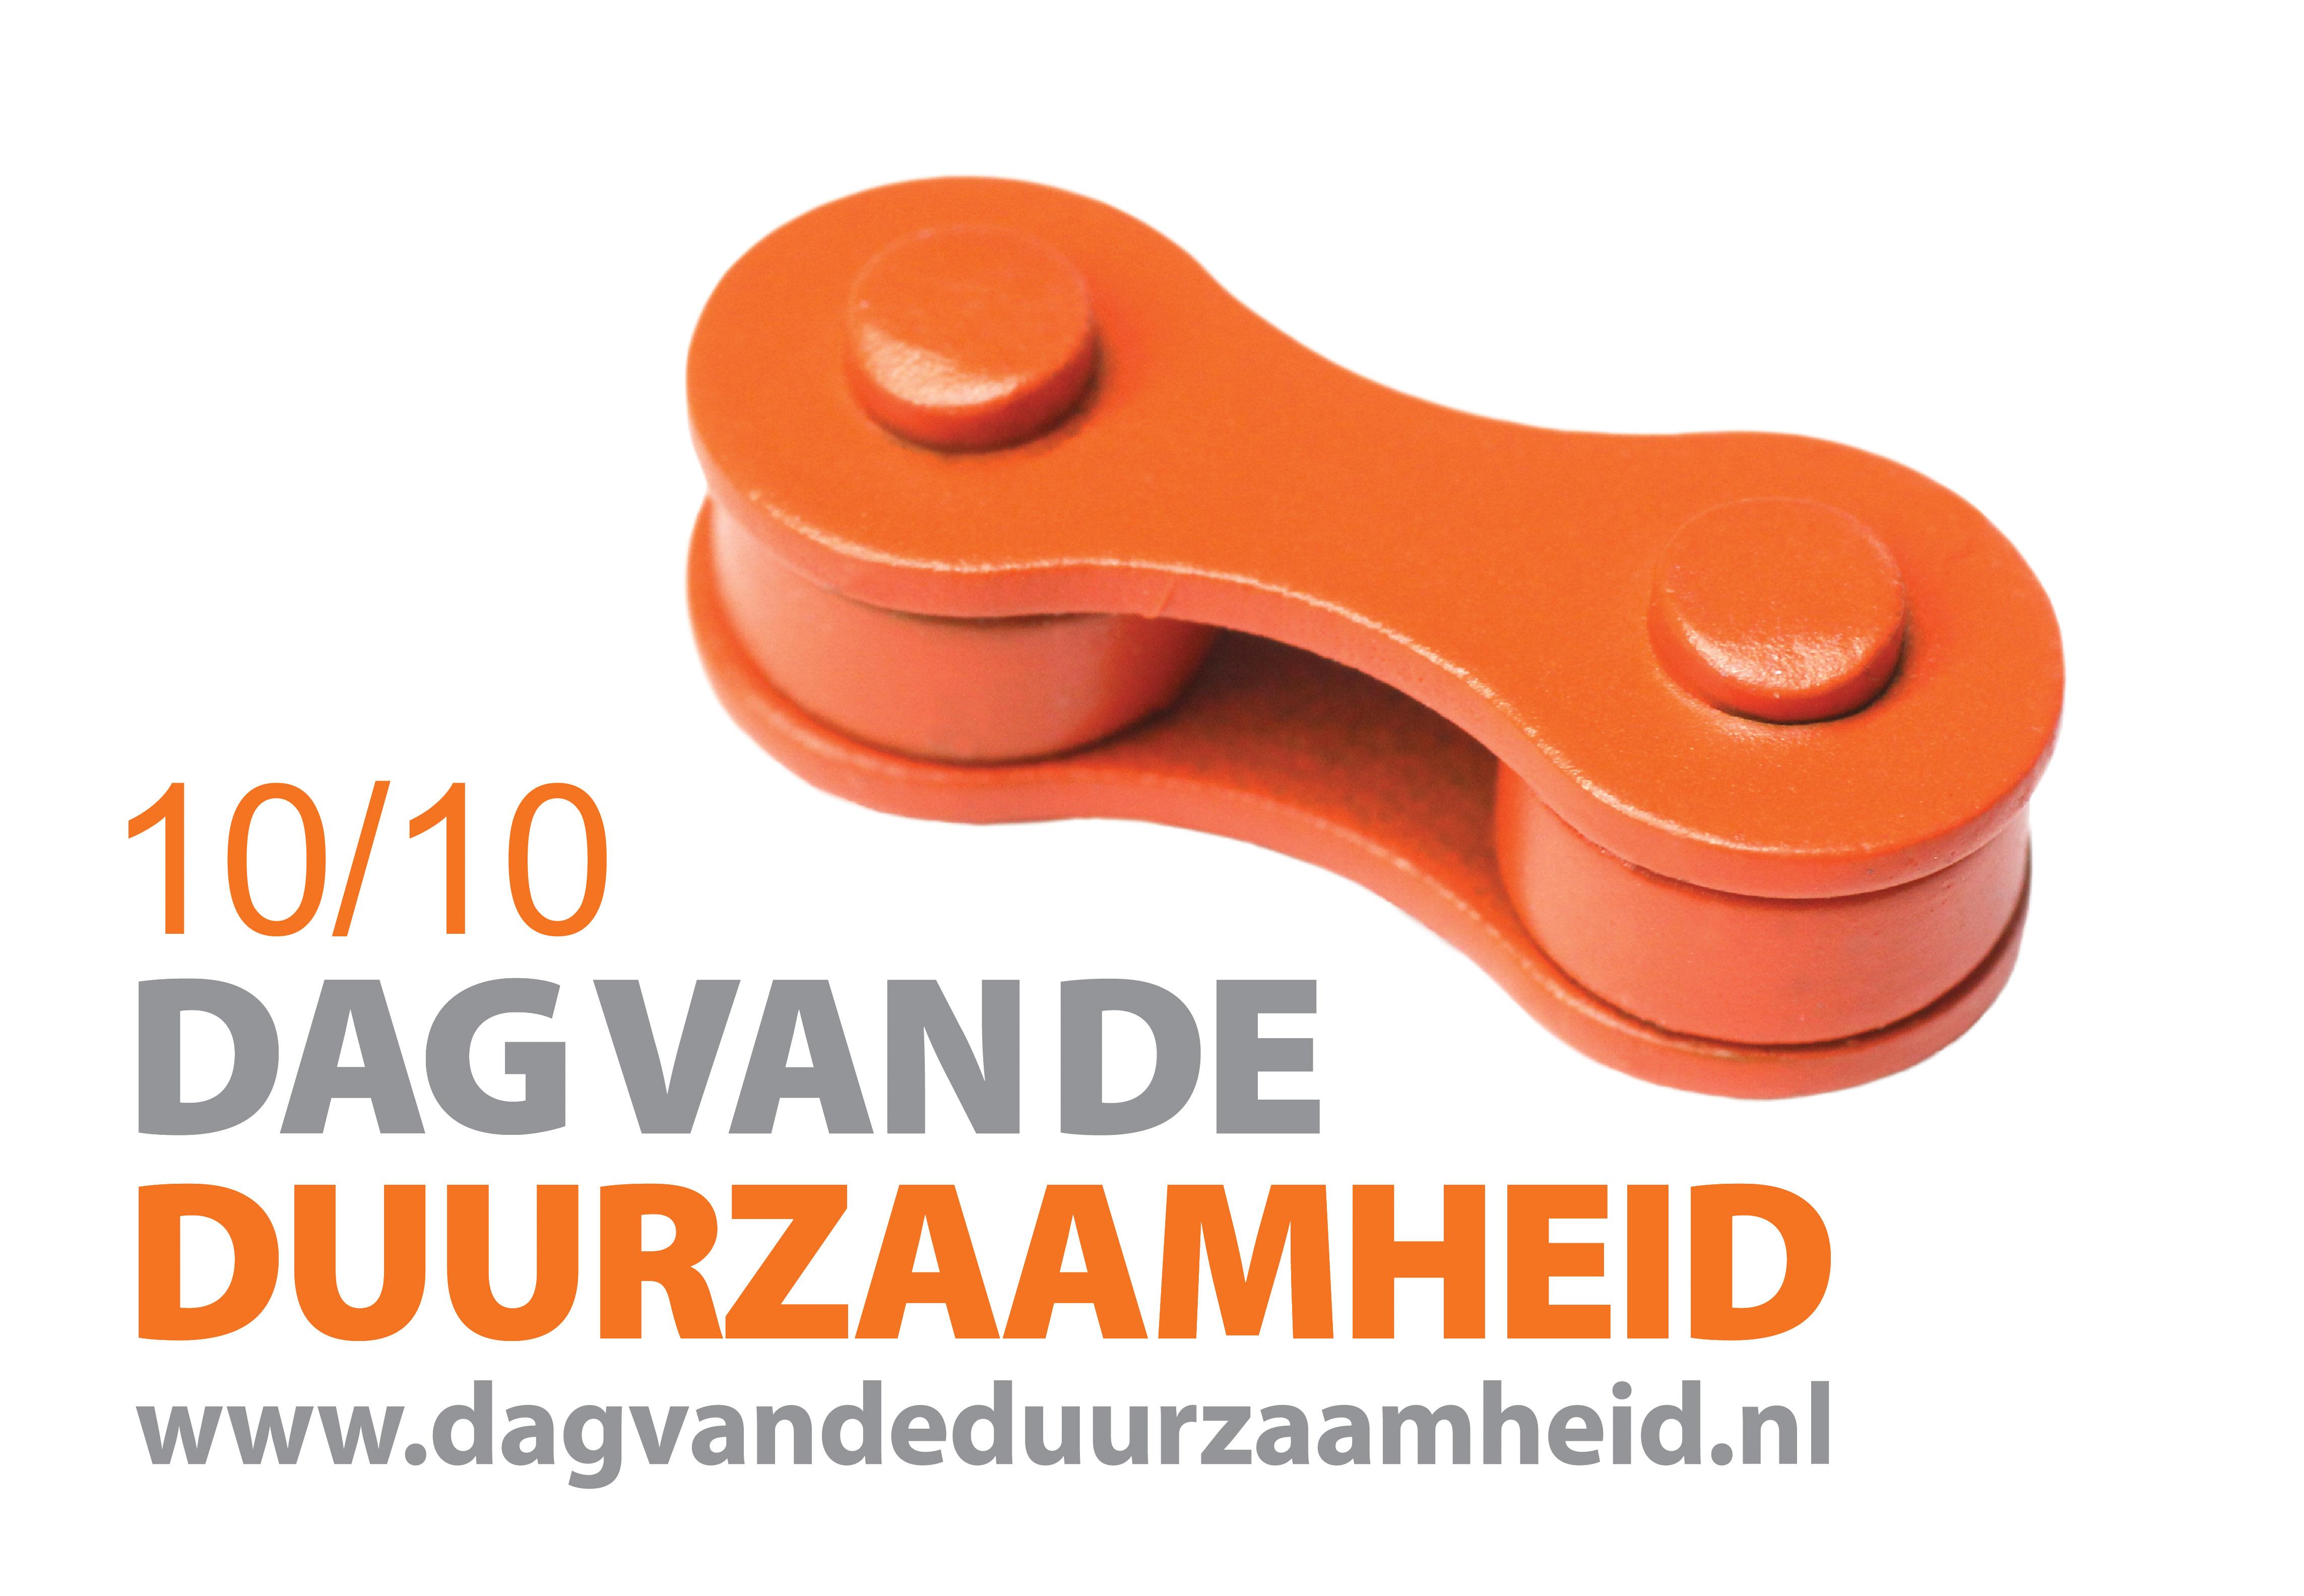 10 oktober Dag van de Duurzaamheid